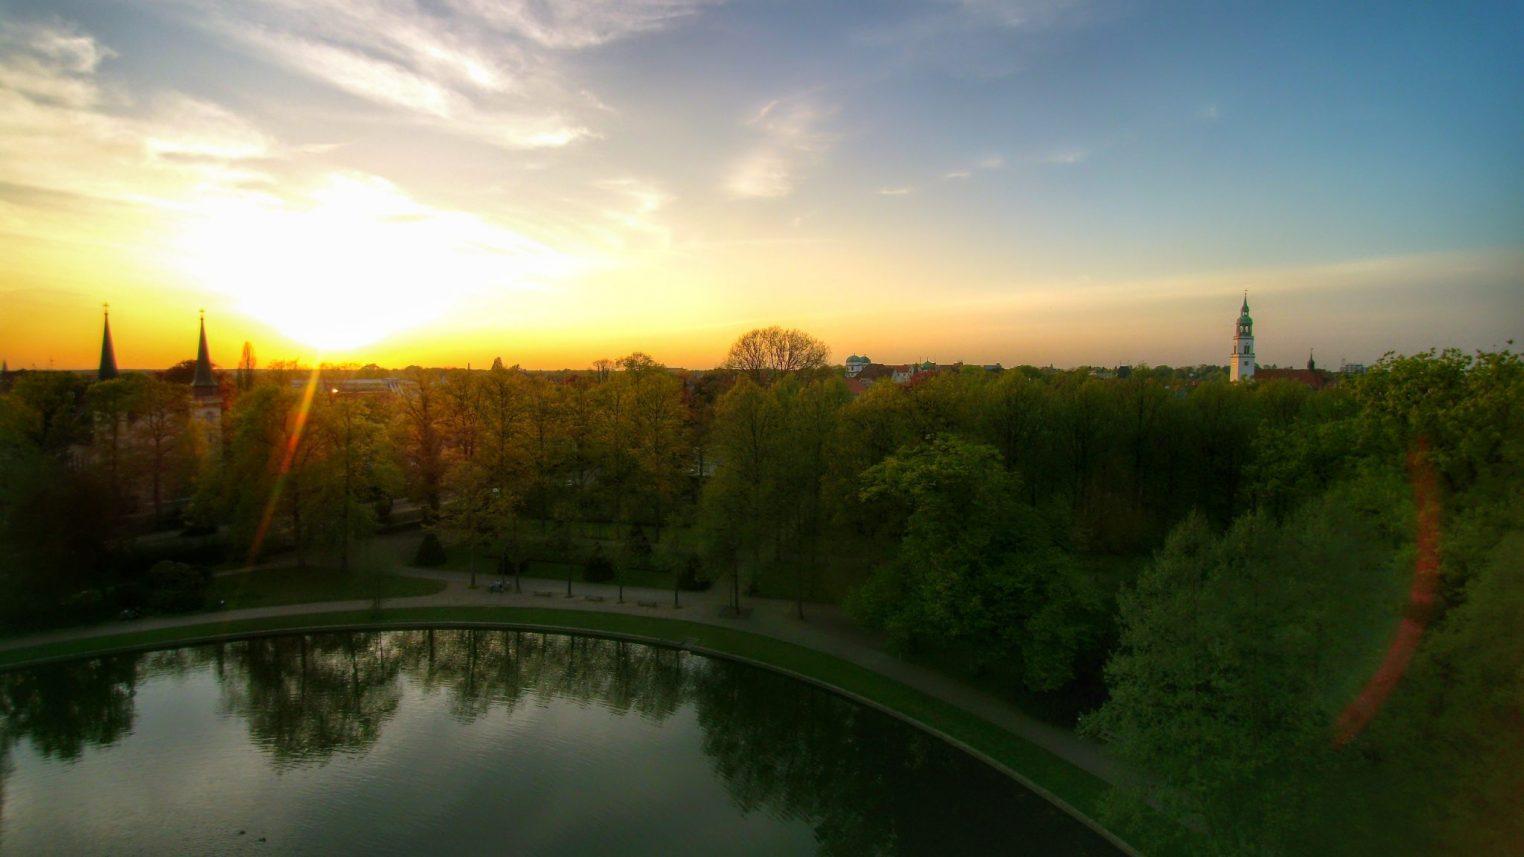 Französicher Garten Celle mit Sonnenuntergang – Cellevonoben (1)